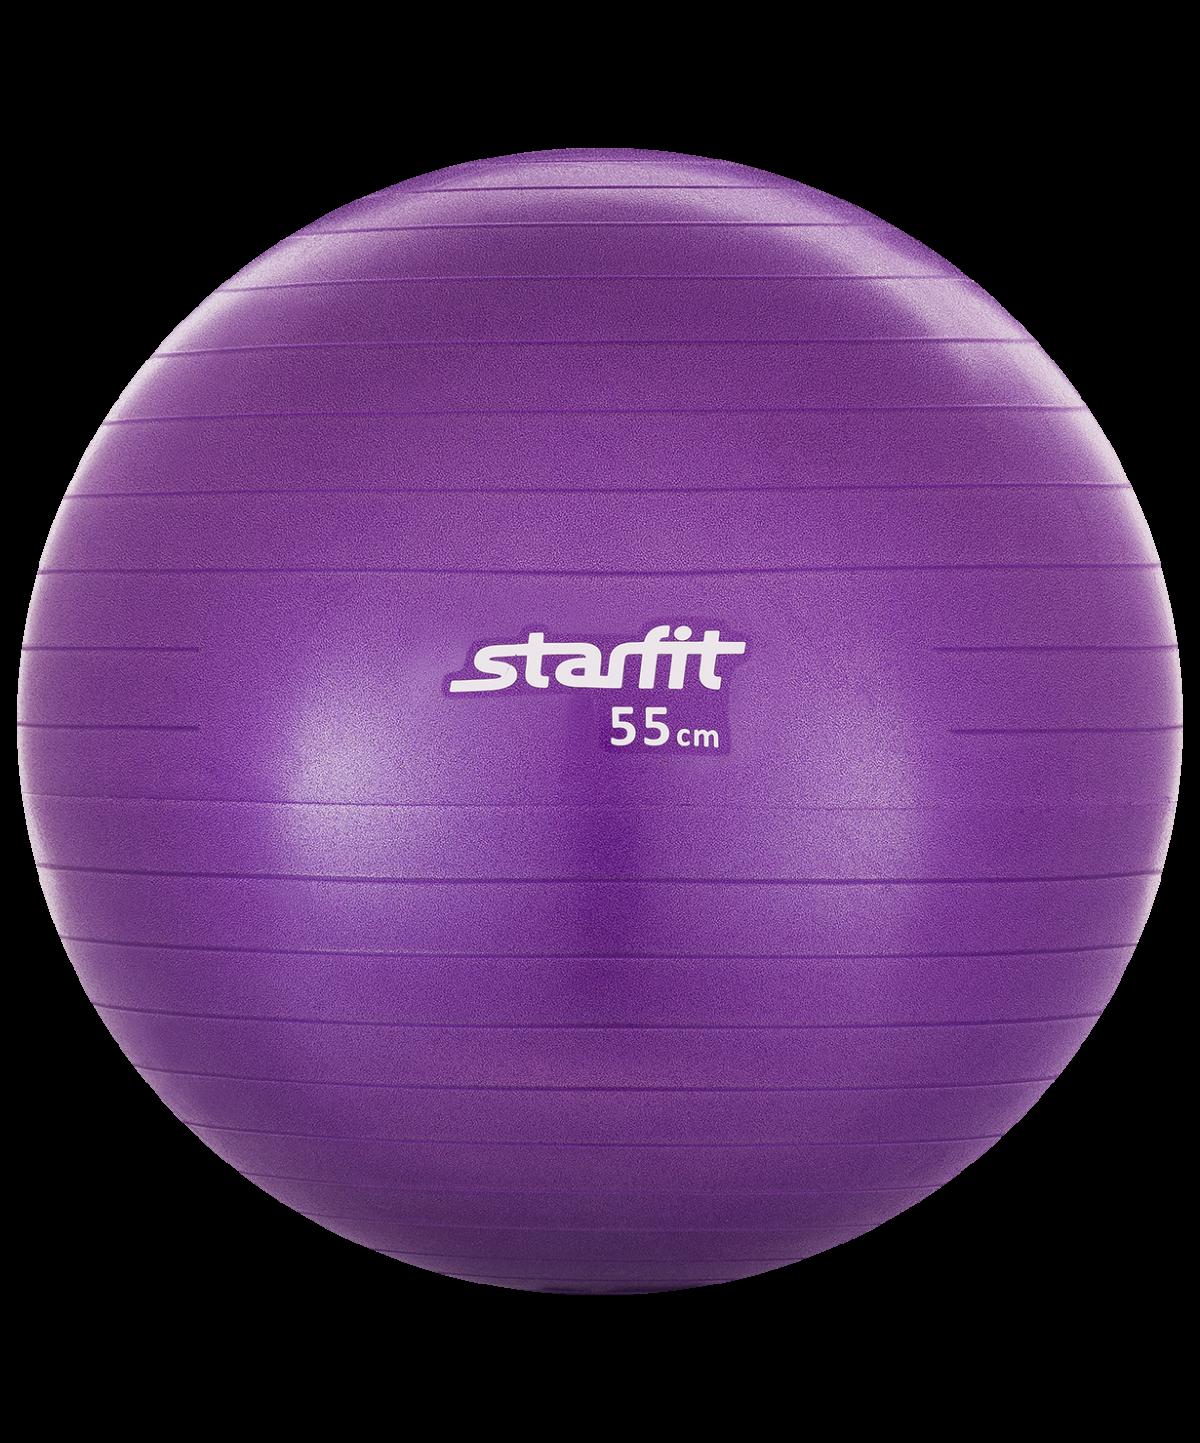 STARFIT Мяч гимнастический антивзрыв  55см GB-101: фиолетовый - 1